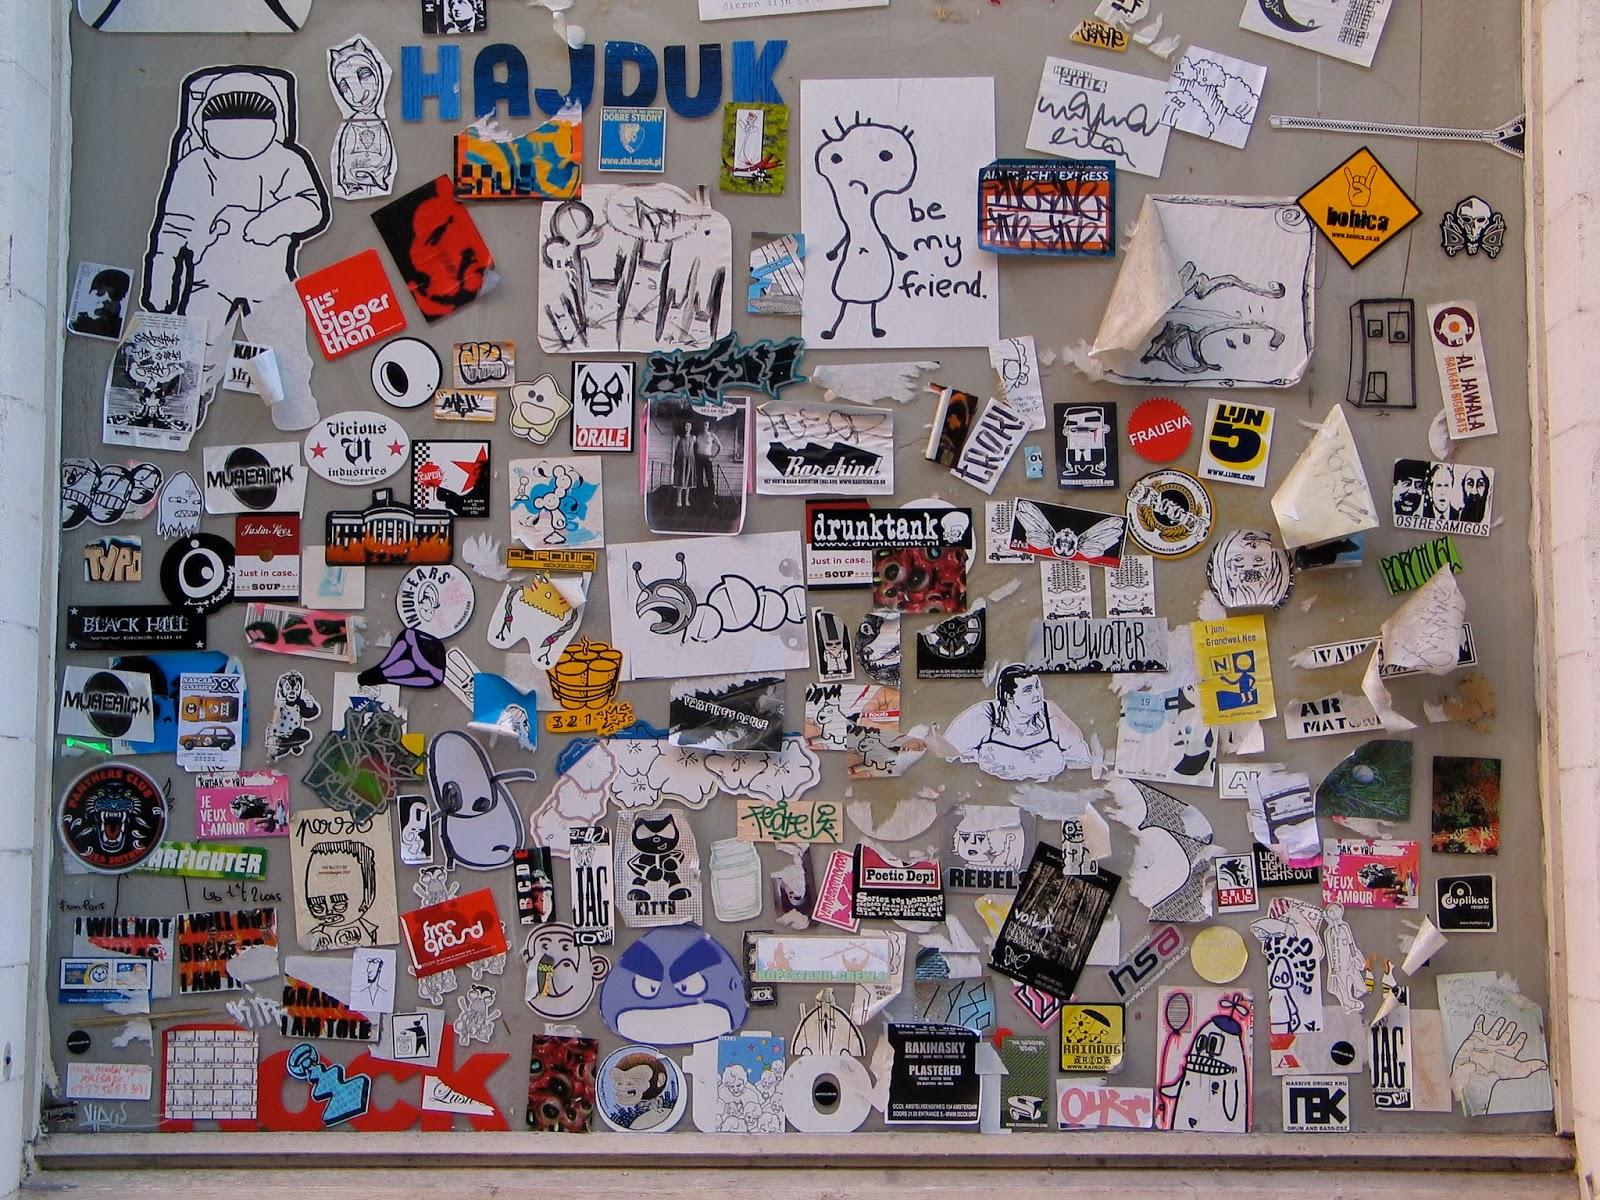 Sticker wall graffiti - Graffiti Sticker Art